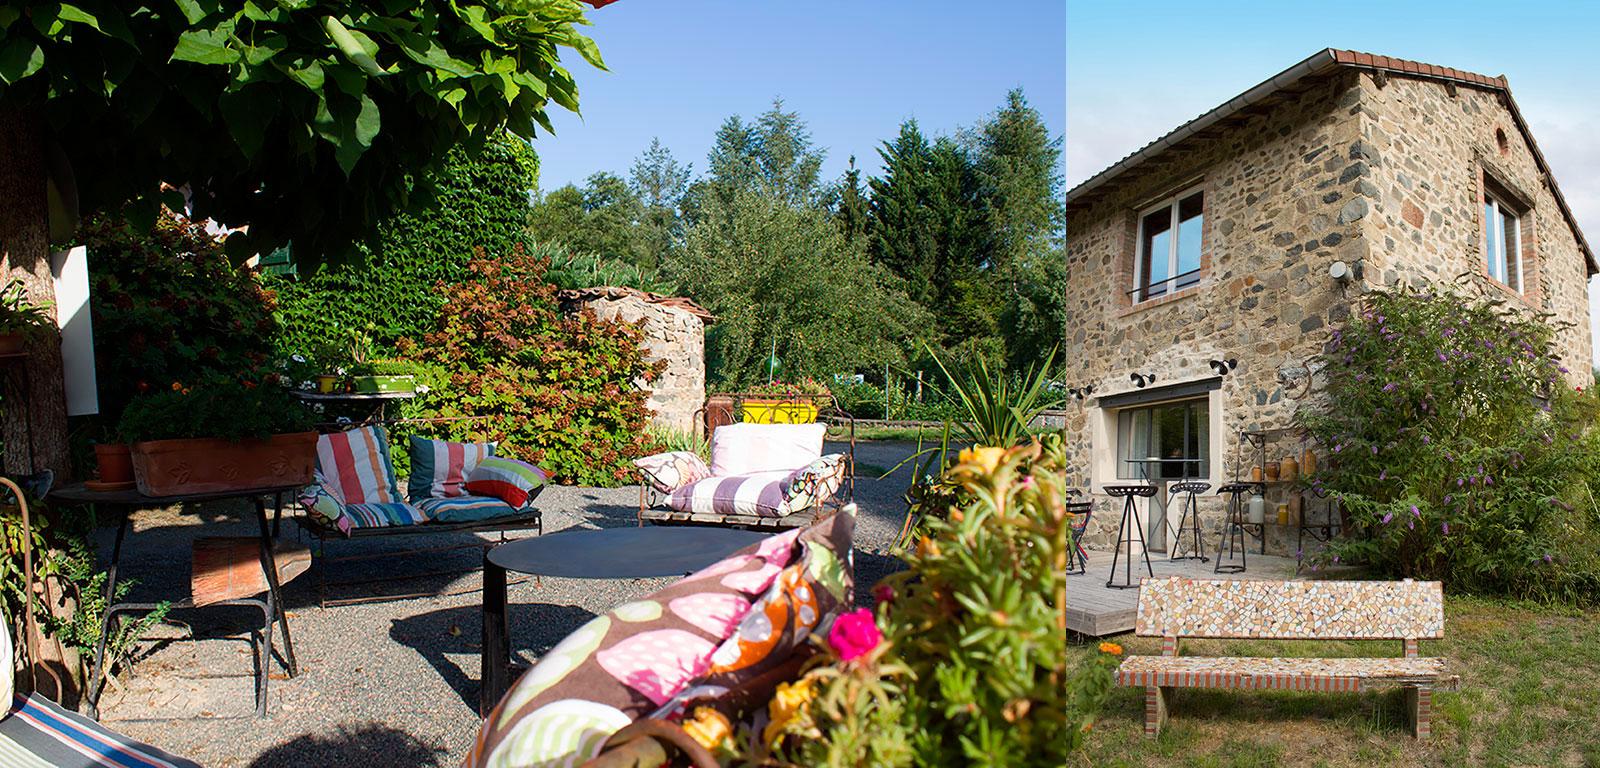 La ferme du toine chambres d 39 h tes g te avec piscine - Chambres d hotes vaison la romaine avec piscine ...